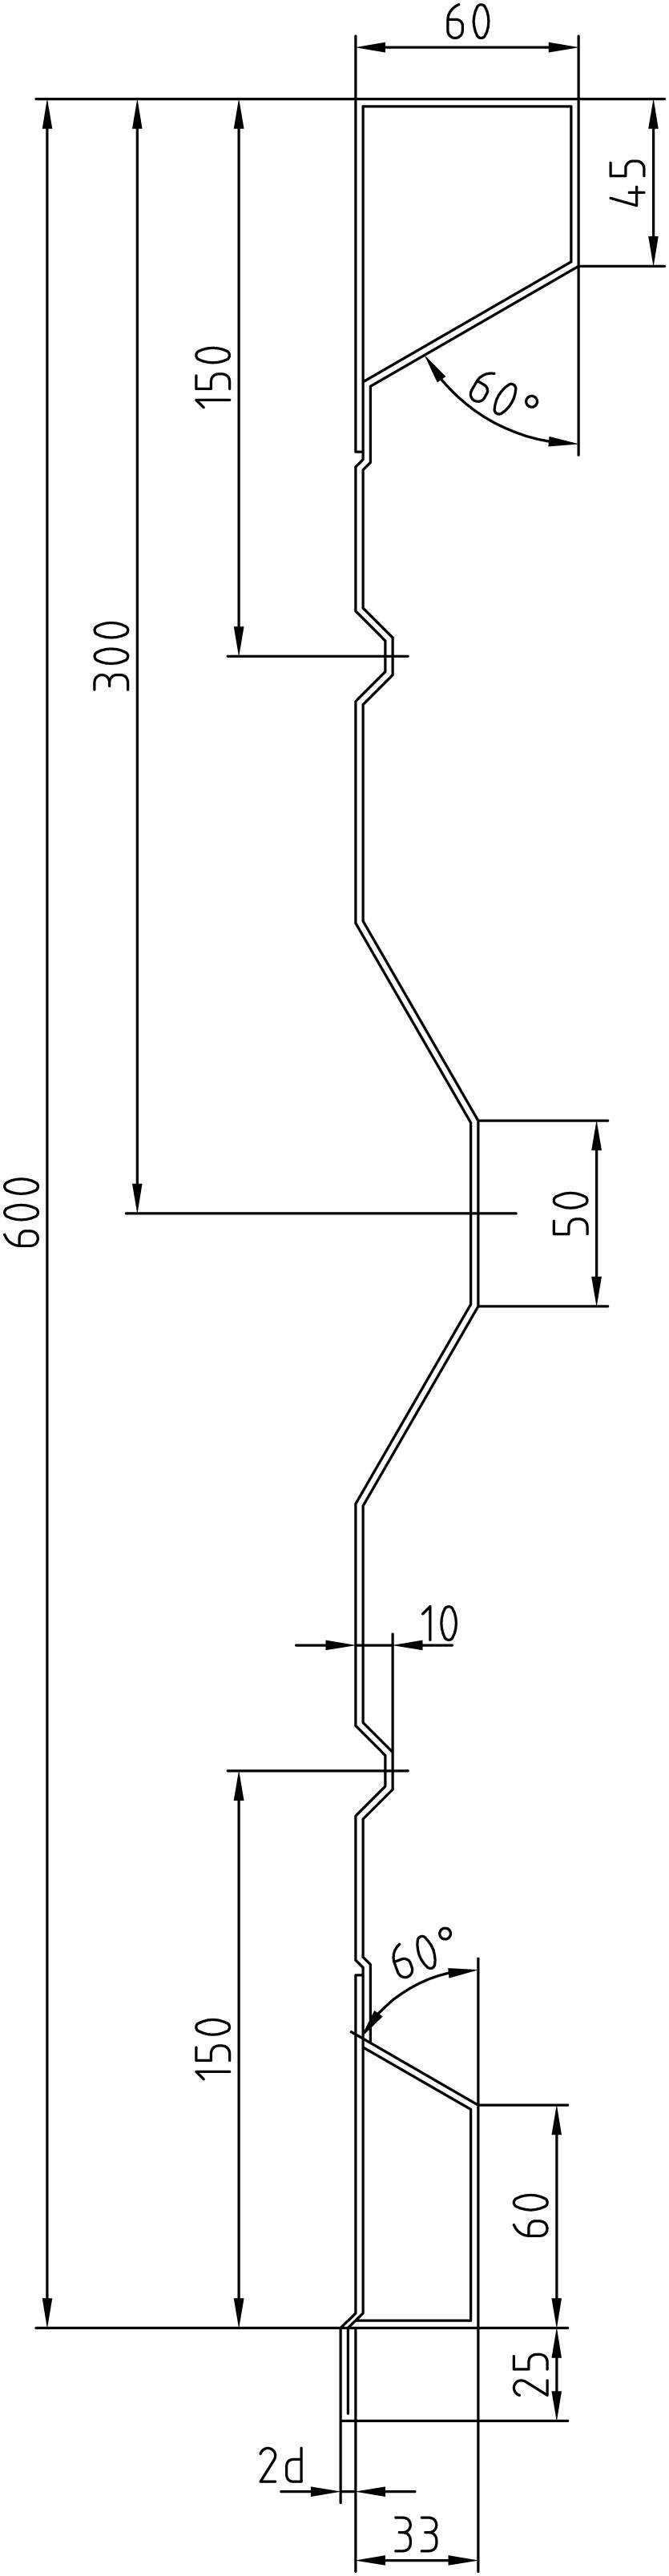 Brantner Kipper und Anhänger - 600x2x5015 attachment board with trailing edges